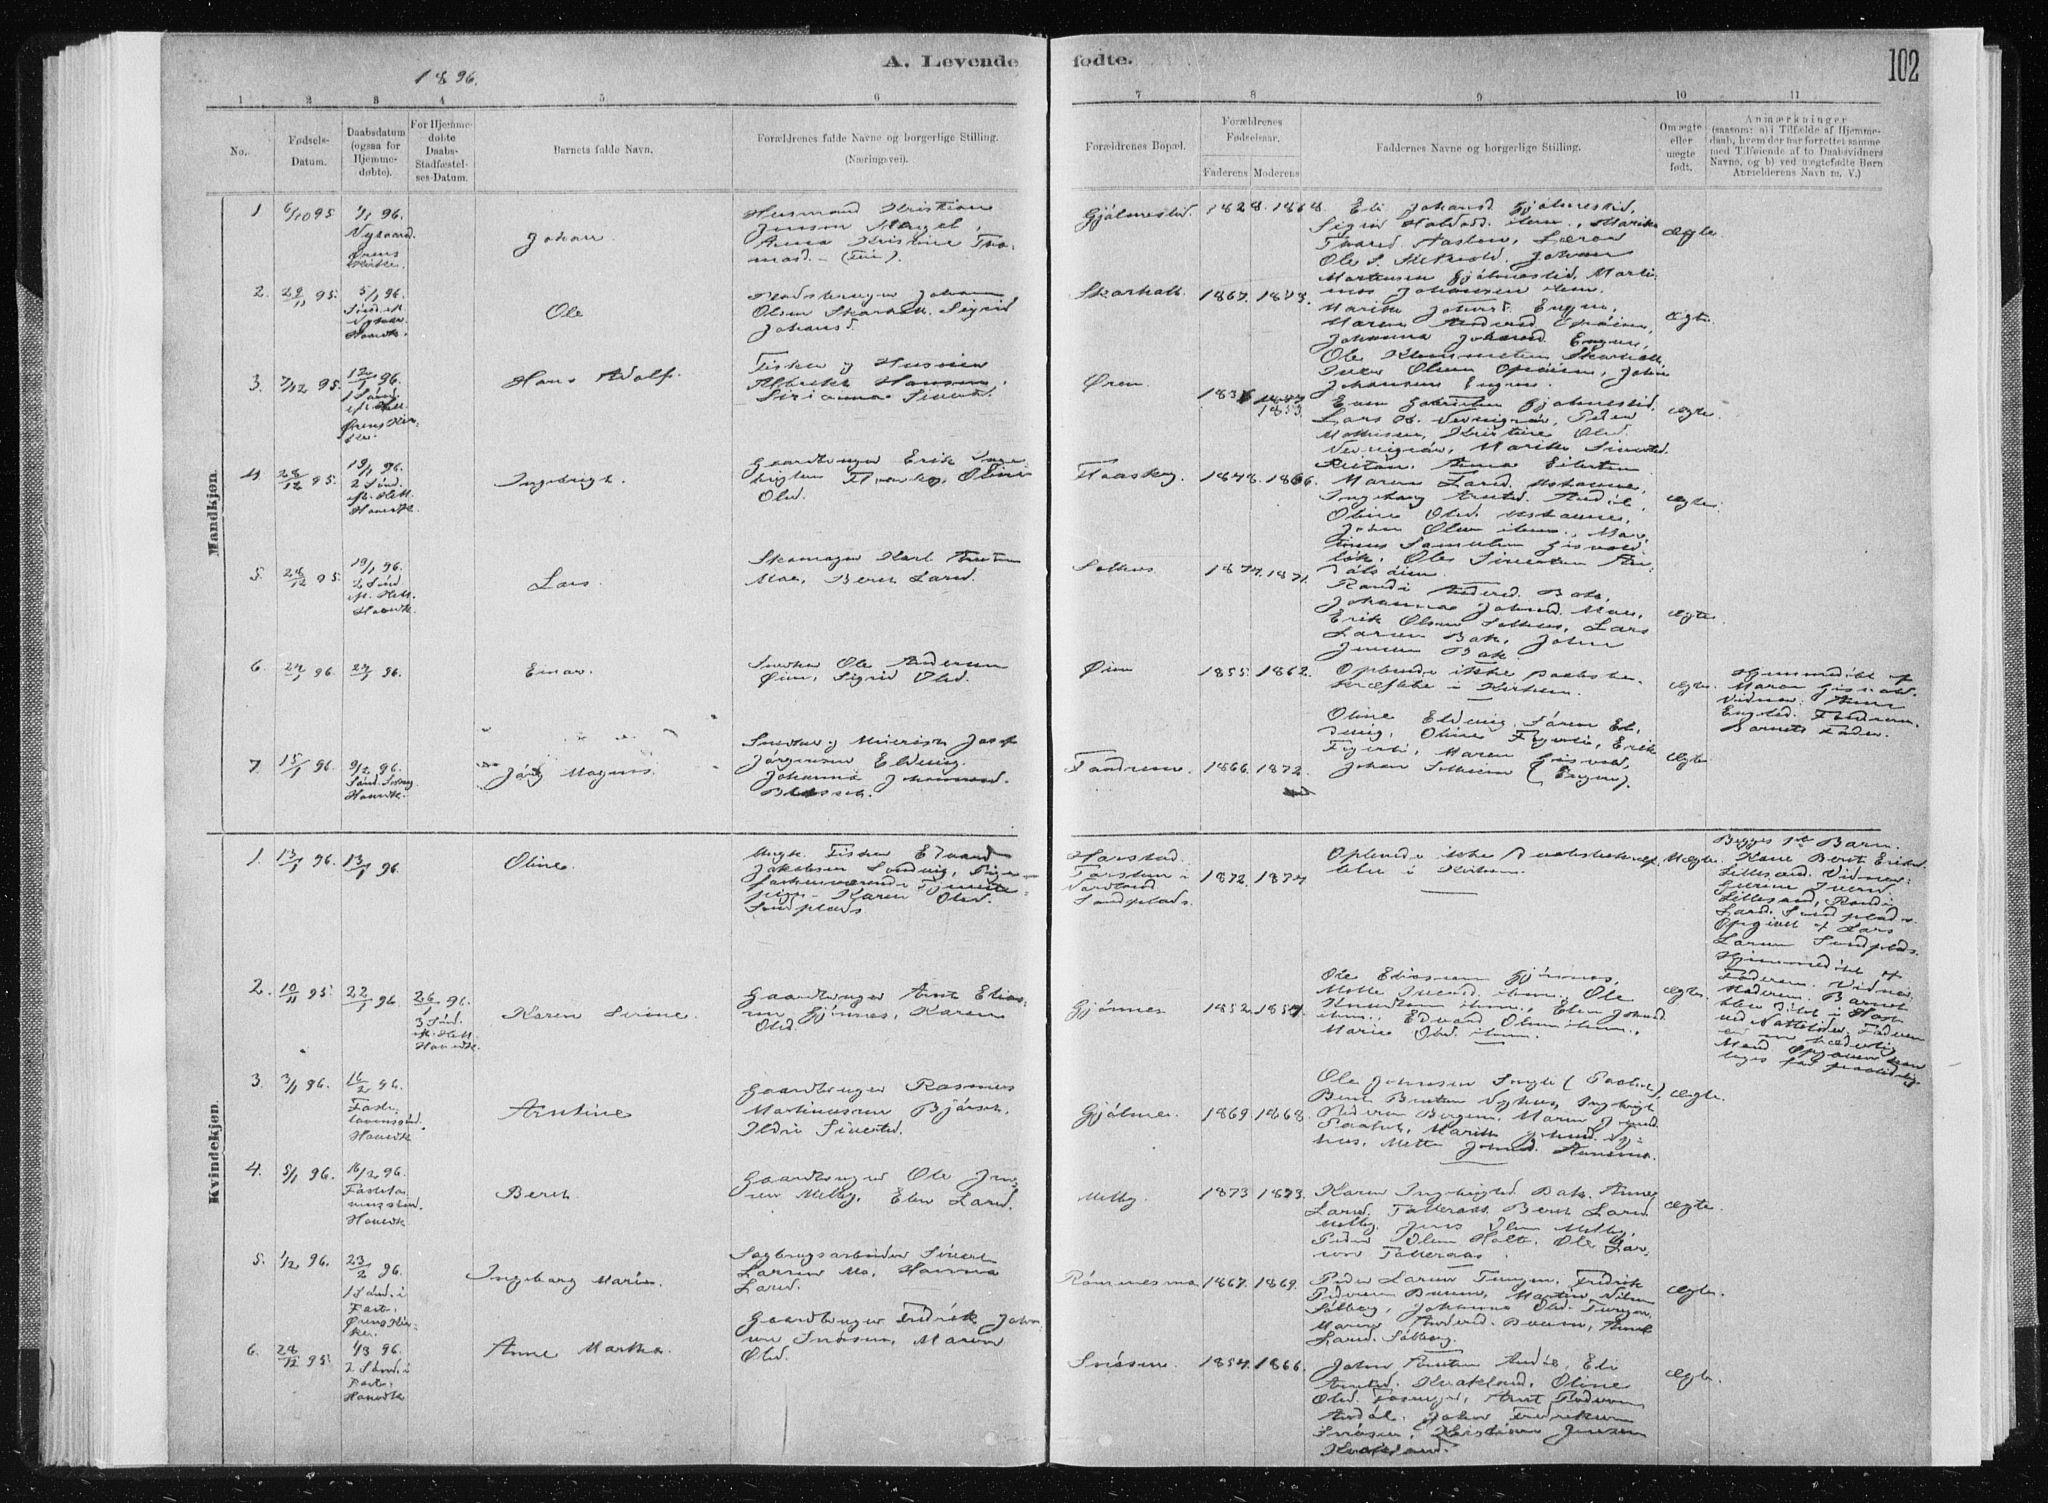 SAT, Ministerialprotokoller, klokkerbøker og fødselsregistre - Sør-Trøndelag, 668/L0818: Klokkerbok nr. 668C07, 1885-1898, s. 102